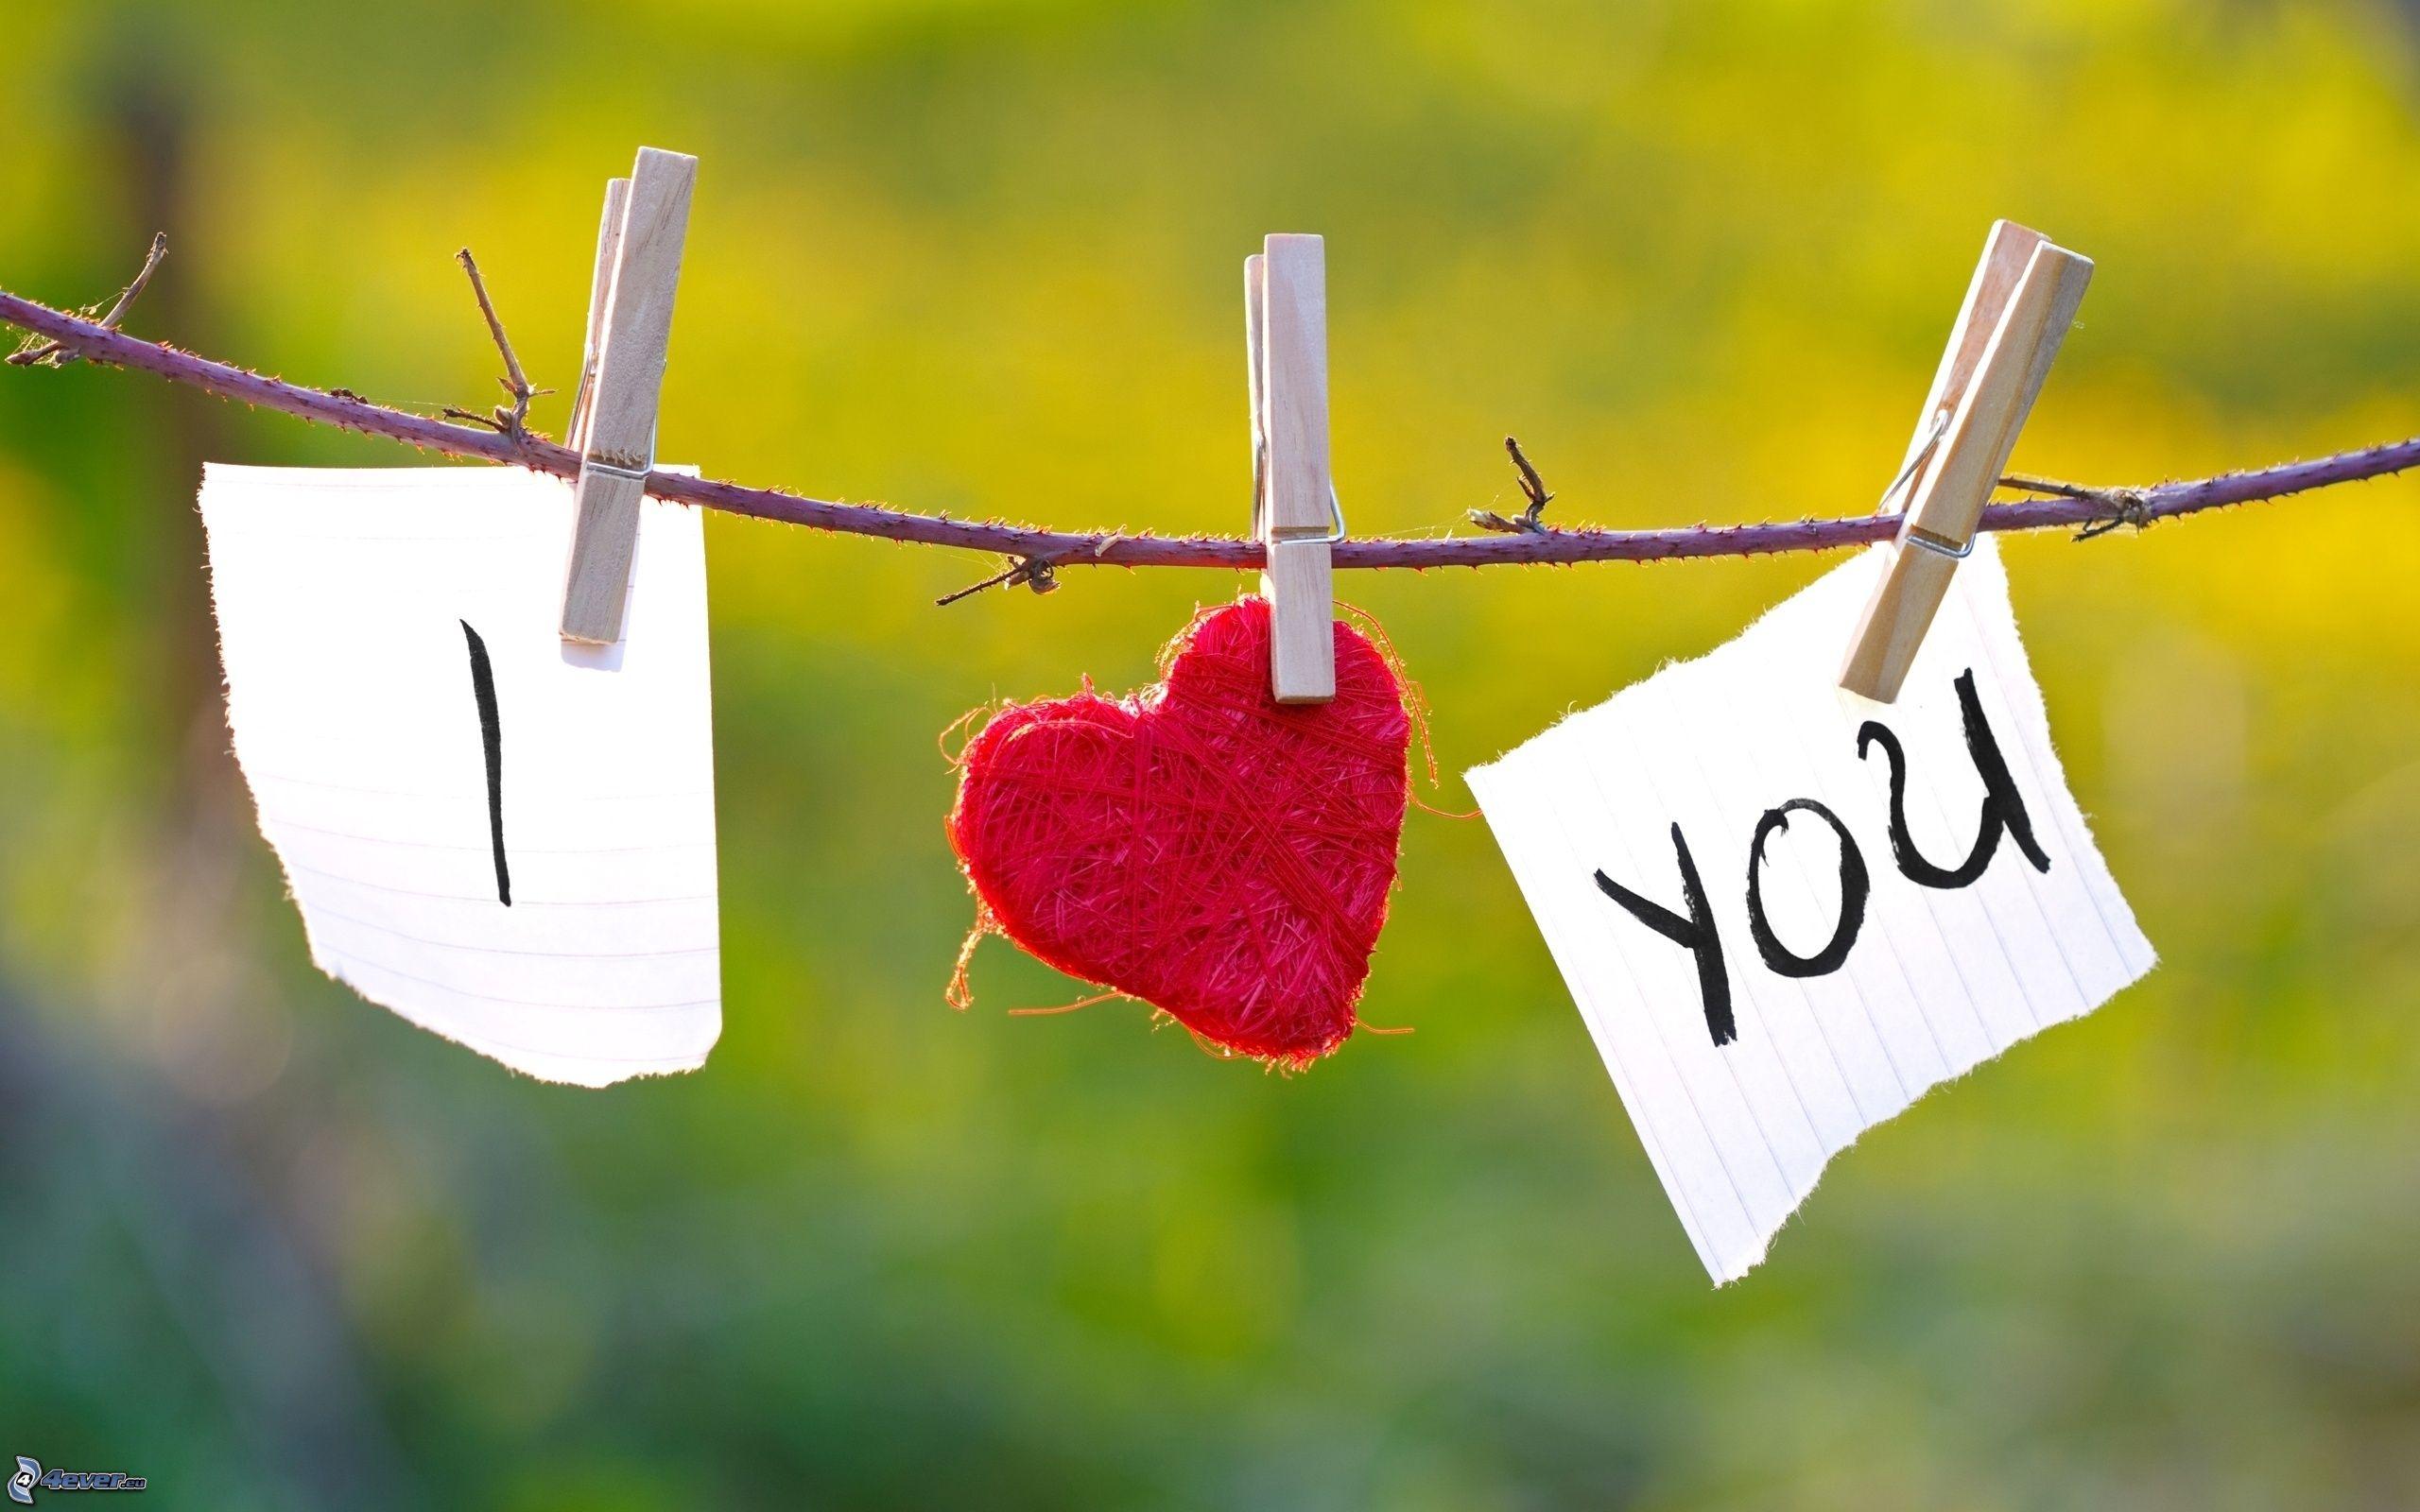 ch liebe dich: